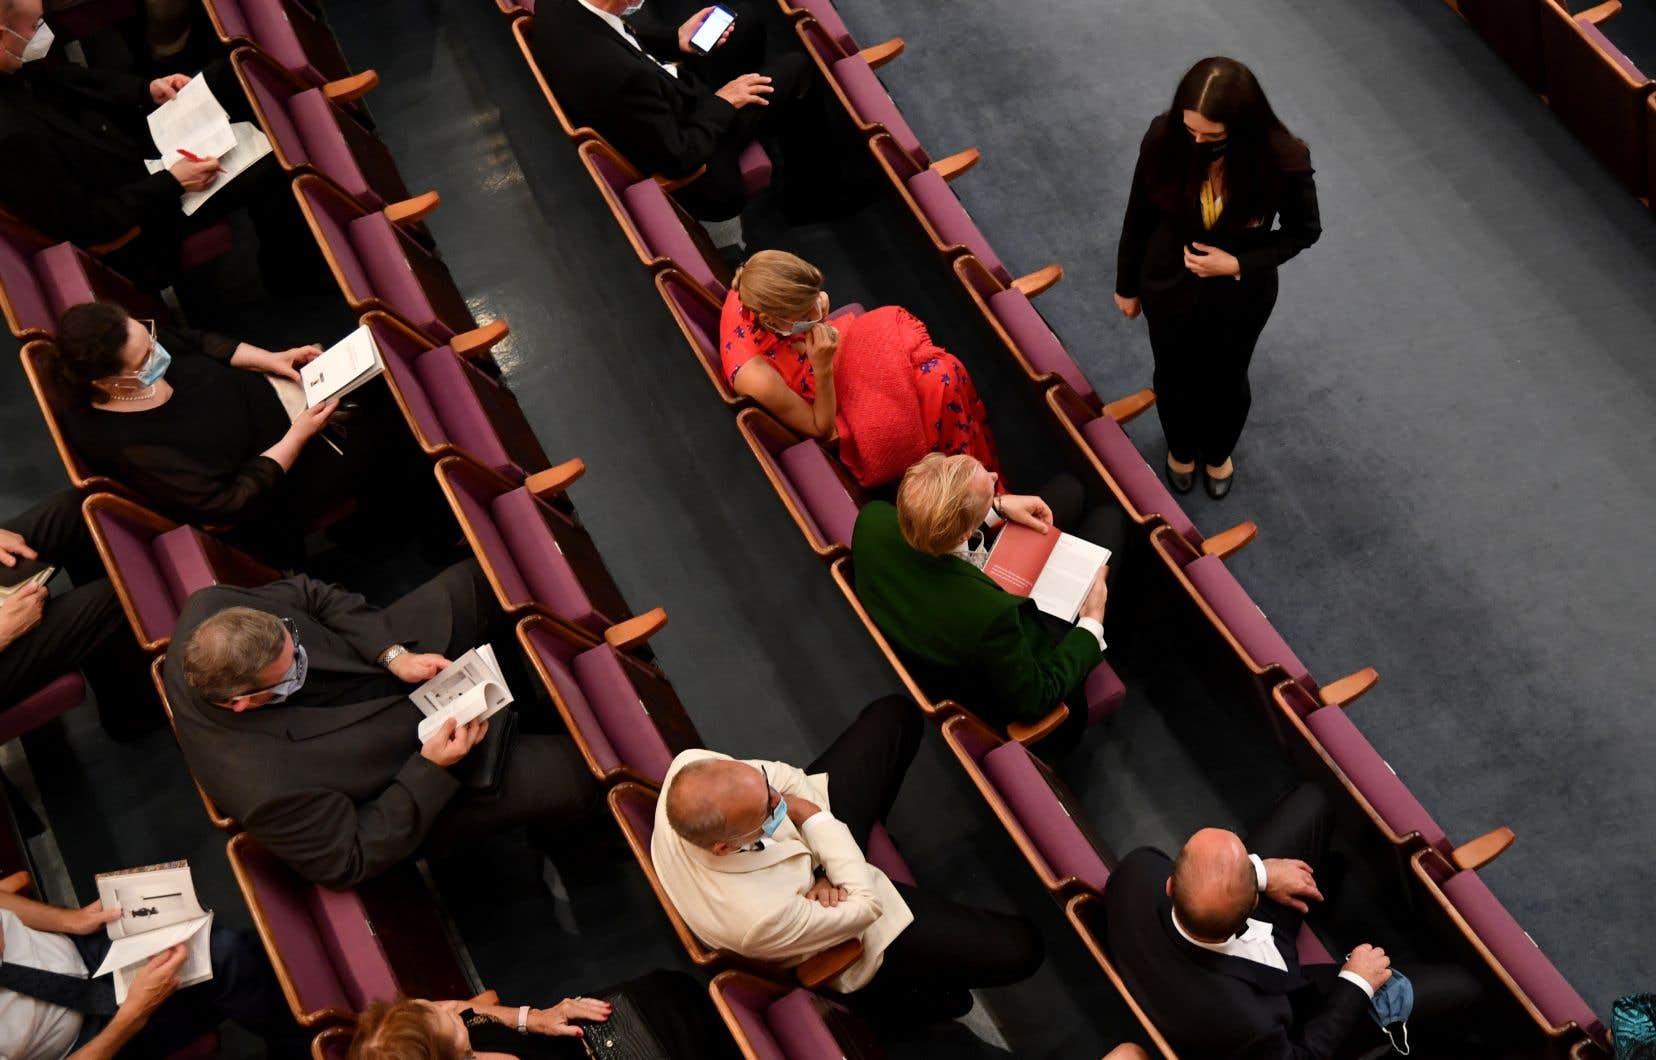 Selon le professeur Willich, tous les sièges d'une salle de concert pourraient être occupés si les spectateurs portaient un masque.